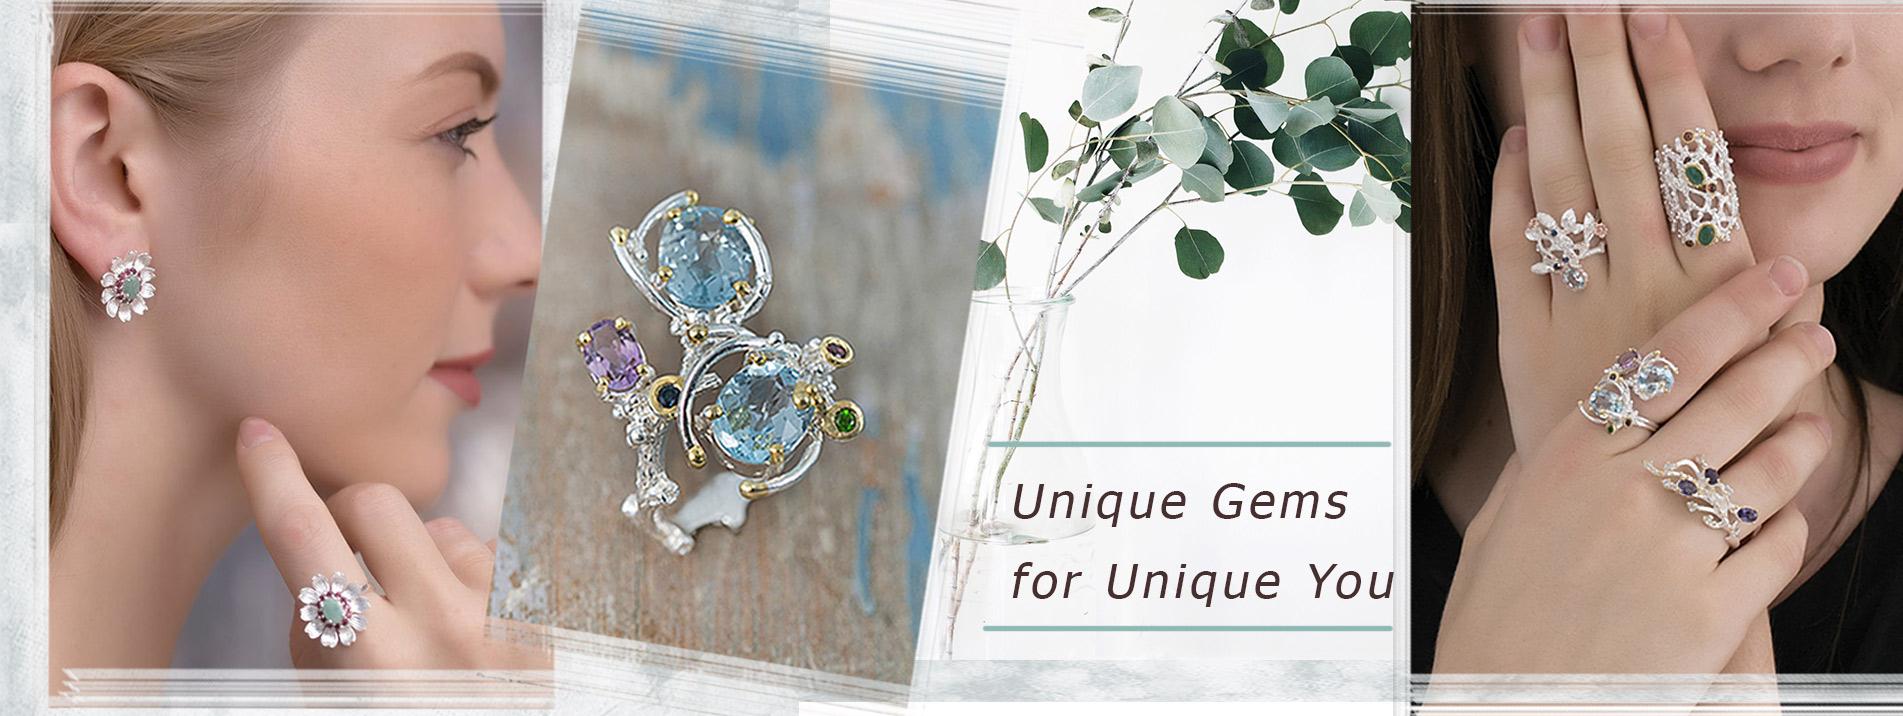 Unique Gems for Unique You